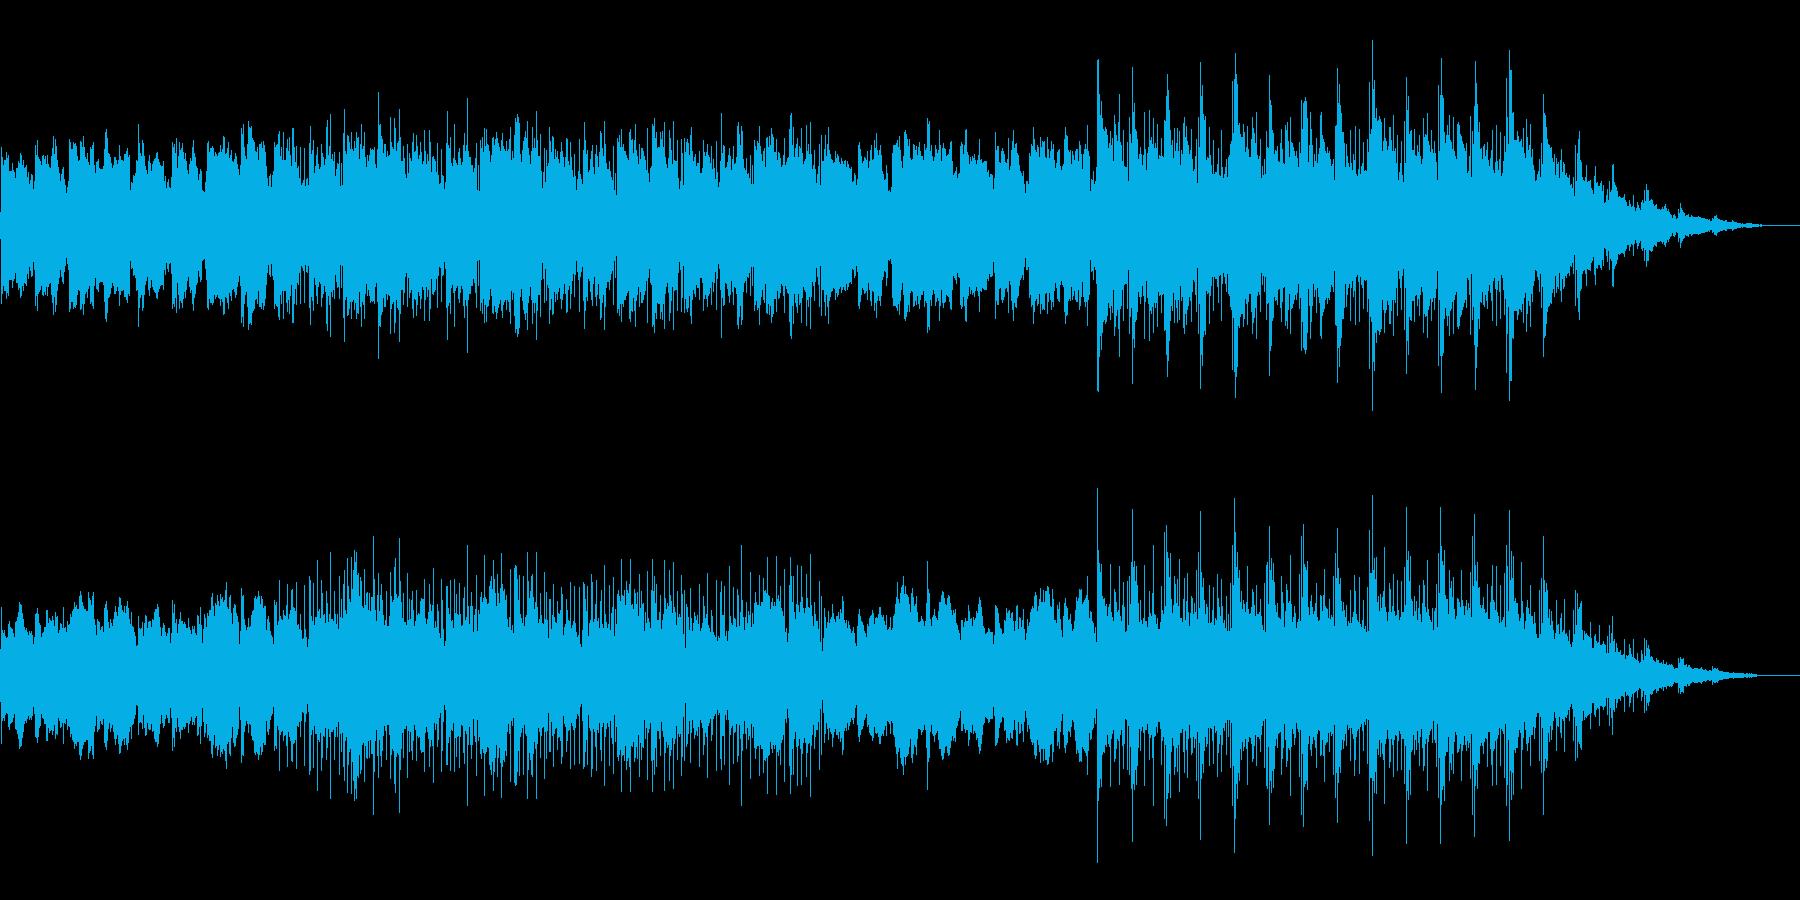 NewAge・アンビエント・劇伴・スローの再生済みの波形